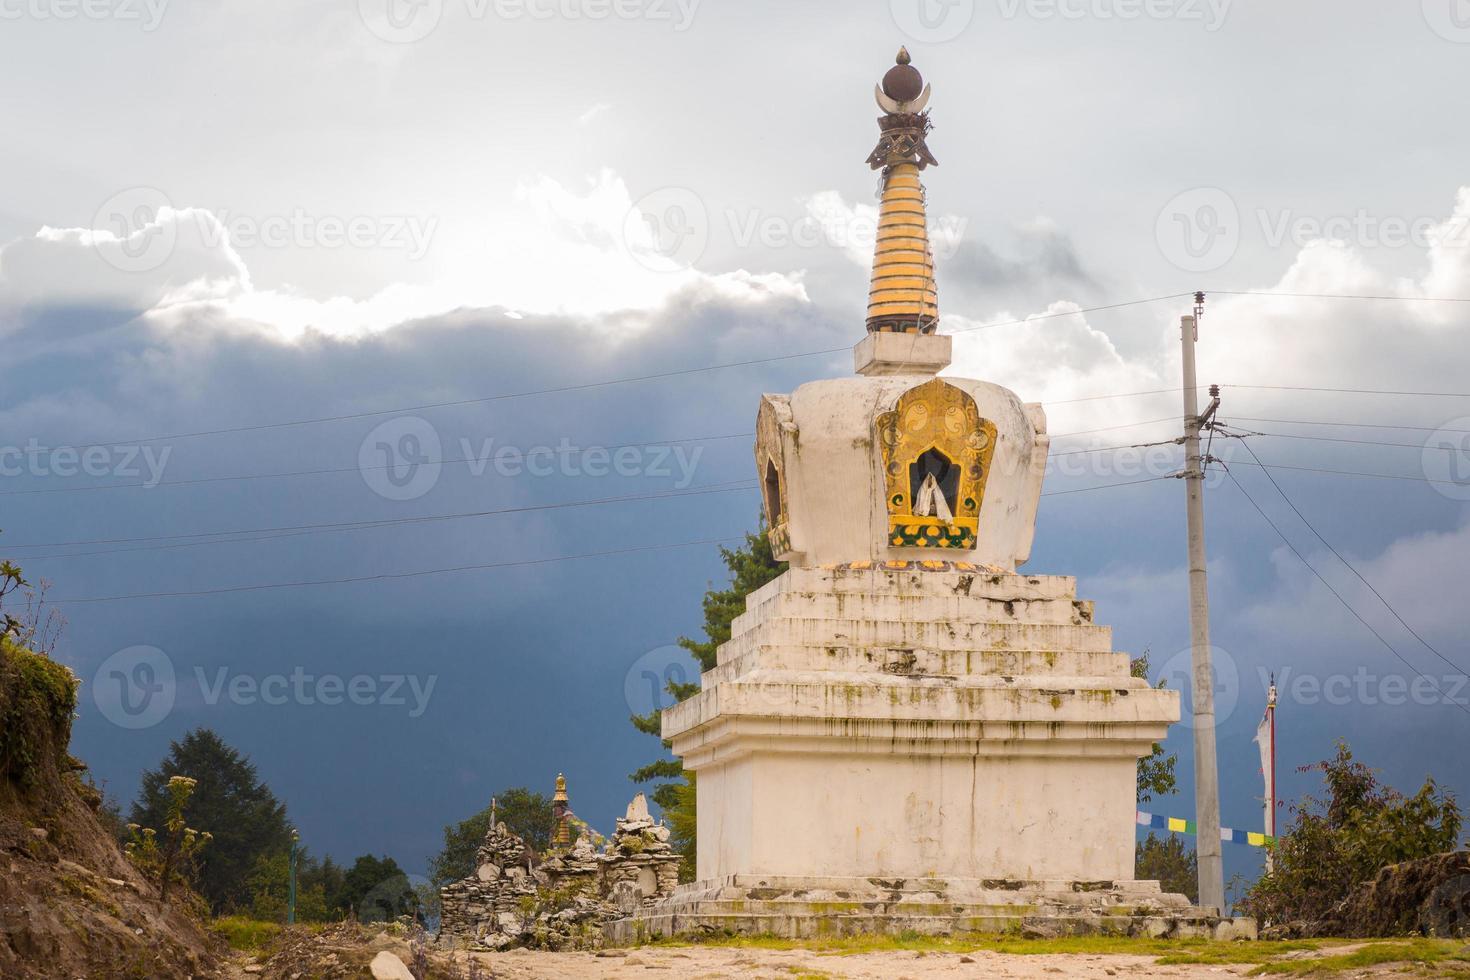 estupa edificio sagrado religioso budista tibetano ruinas históricas, nepal. foto